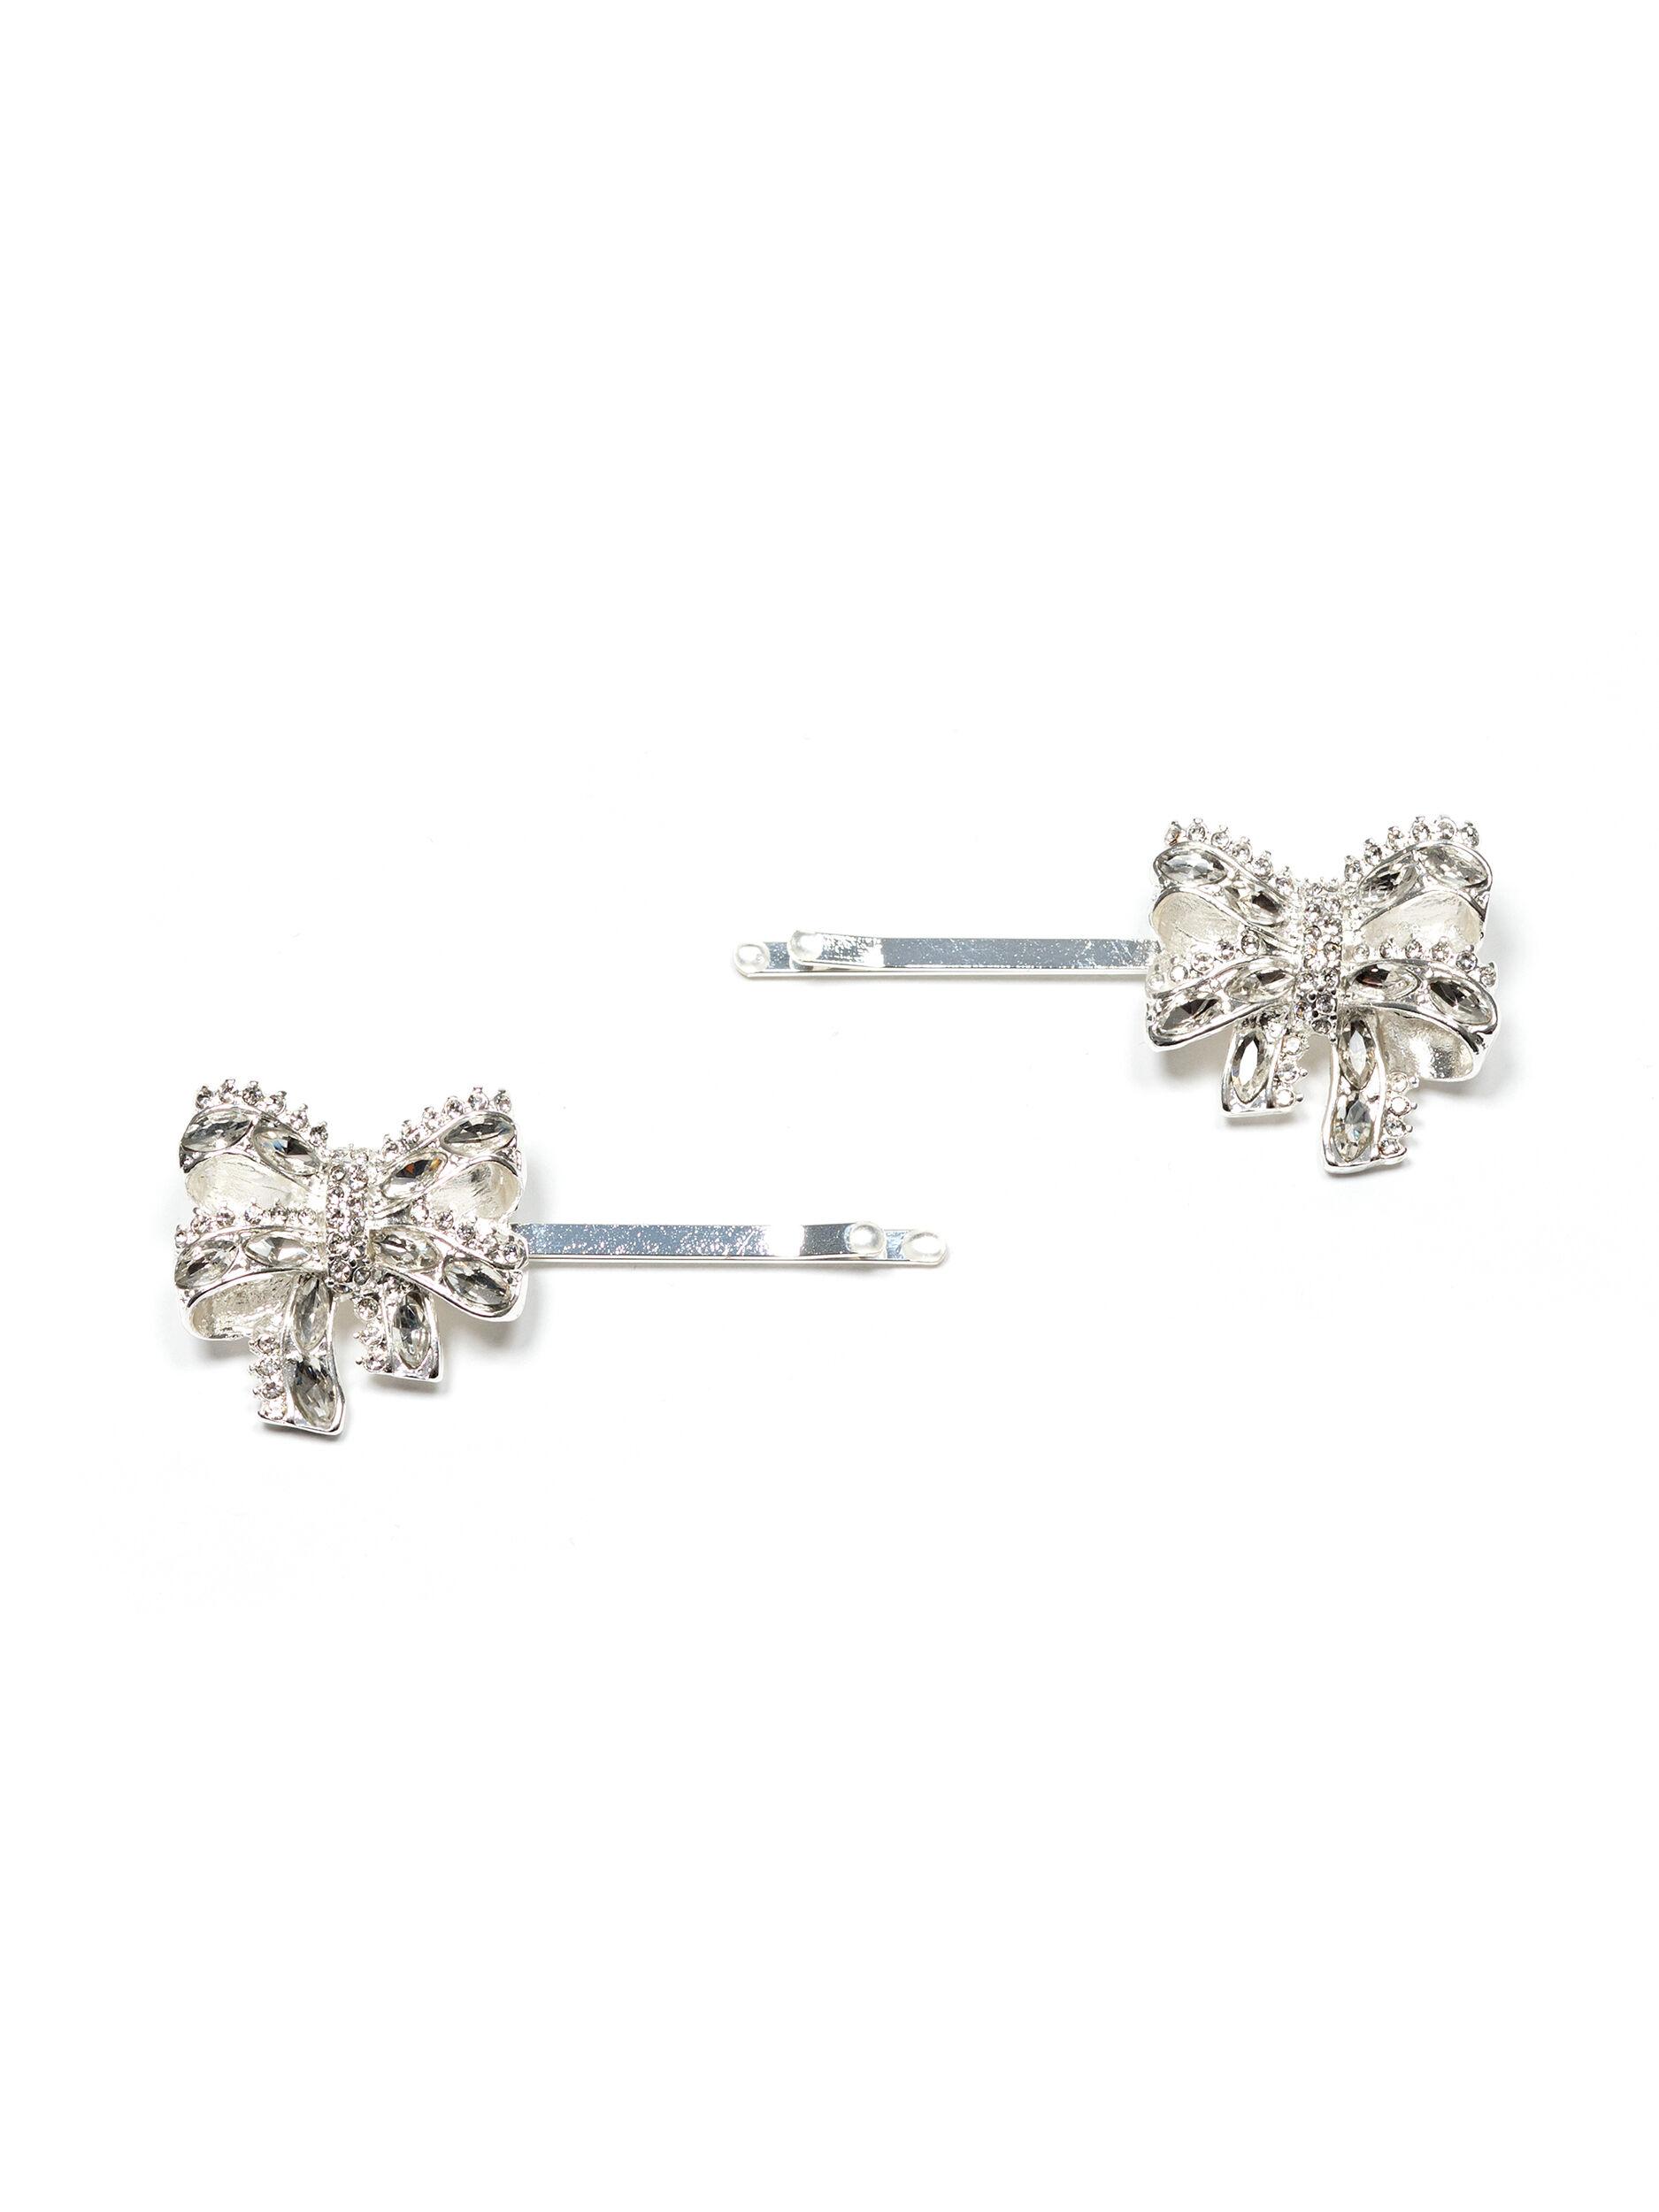 Sparkle Bow Hair Pin